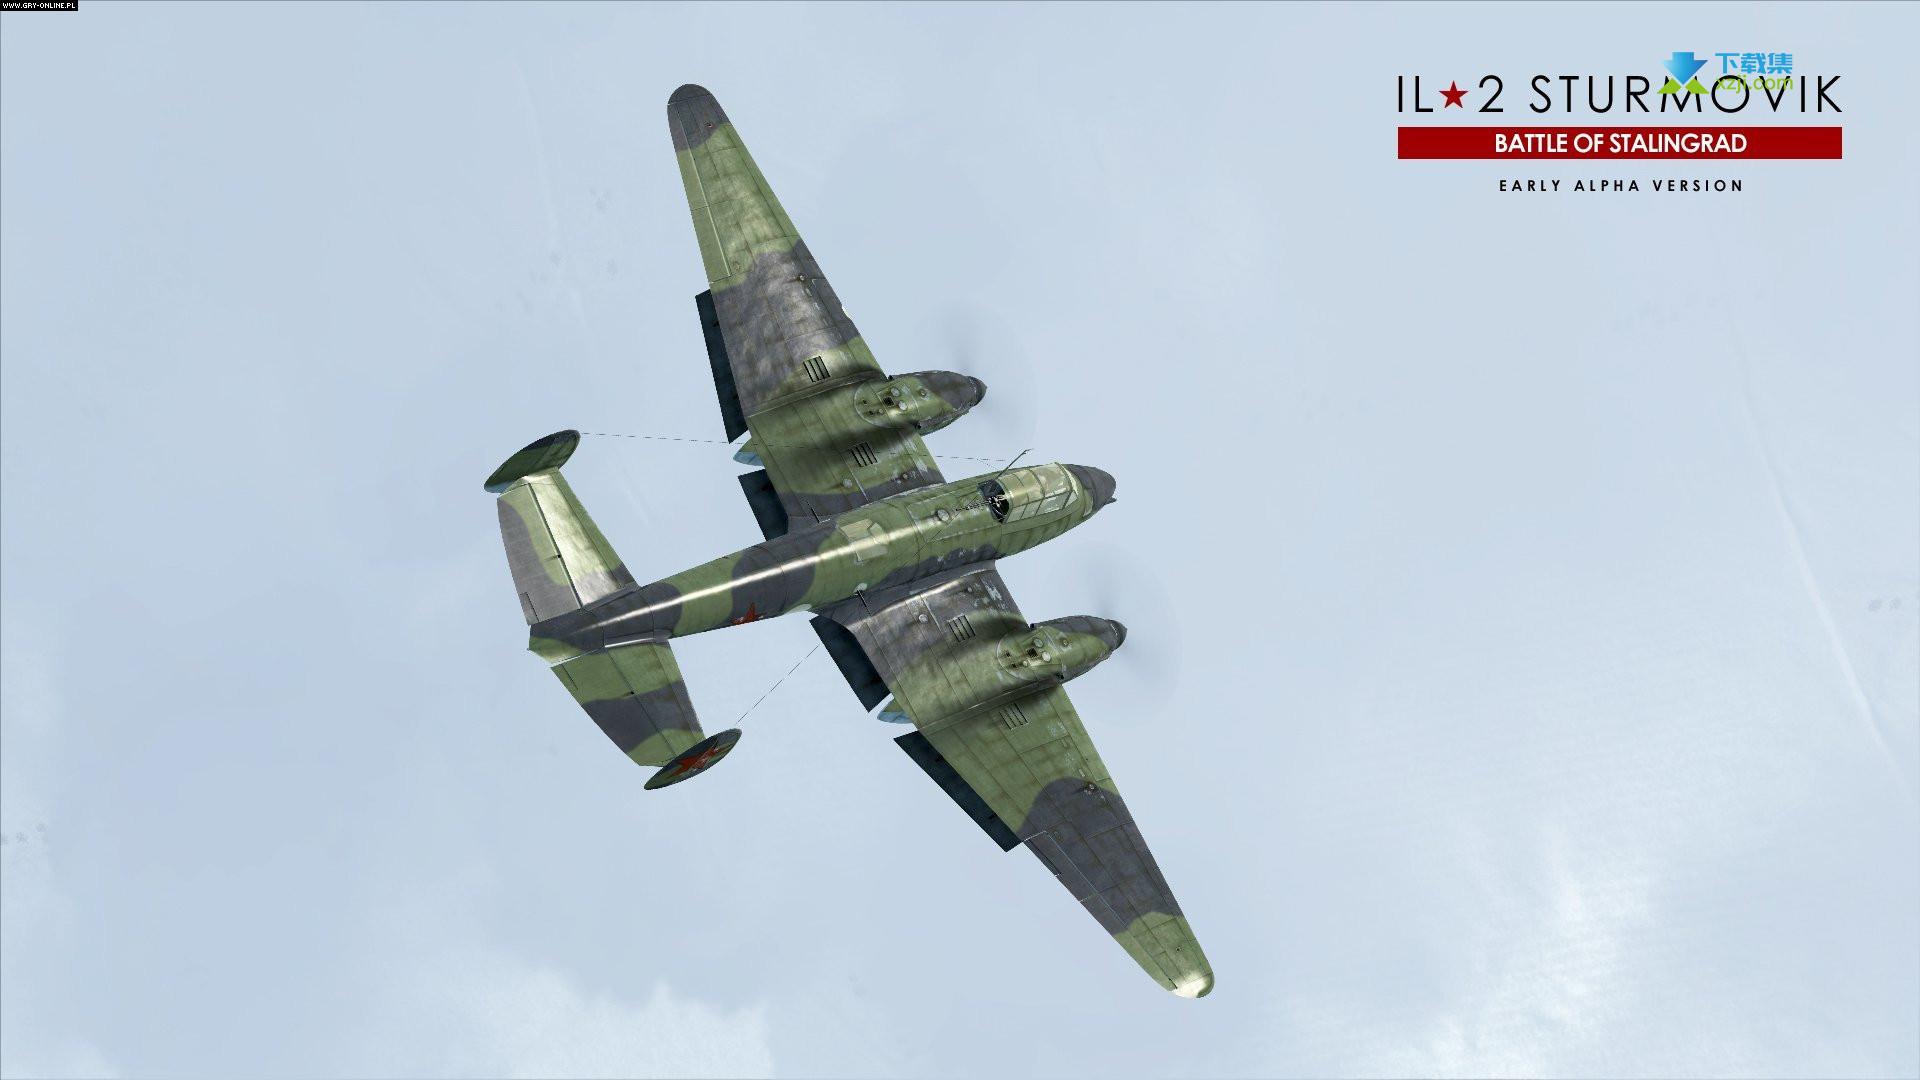 捍卫雄鹰IL-2斯大林格勒战役界面1